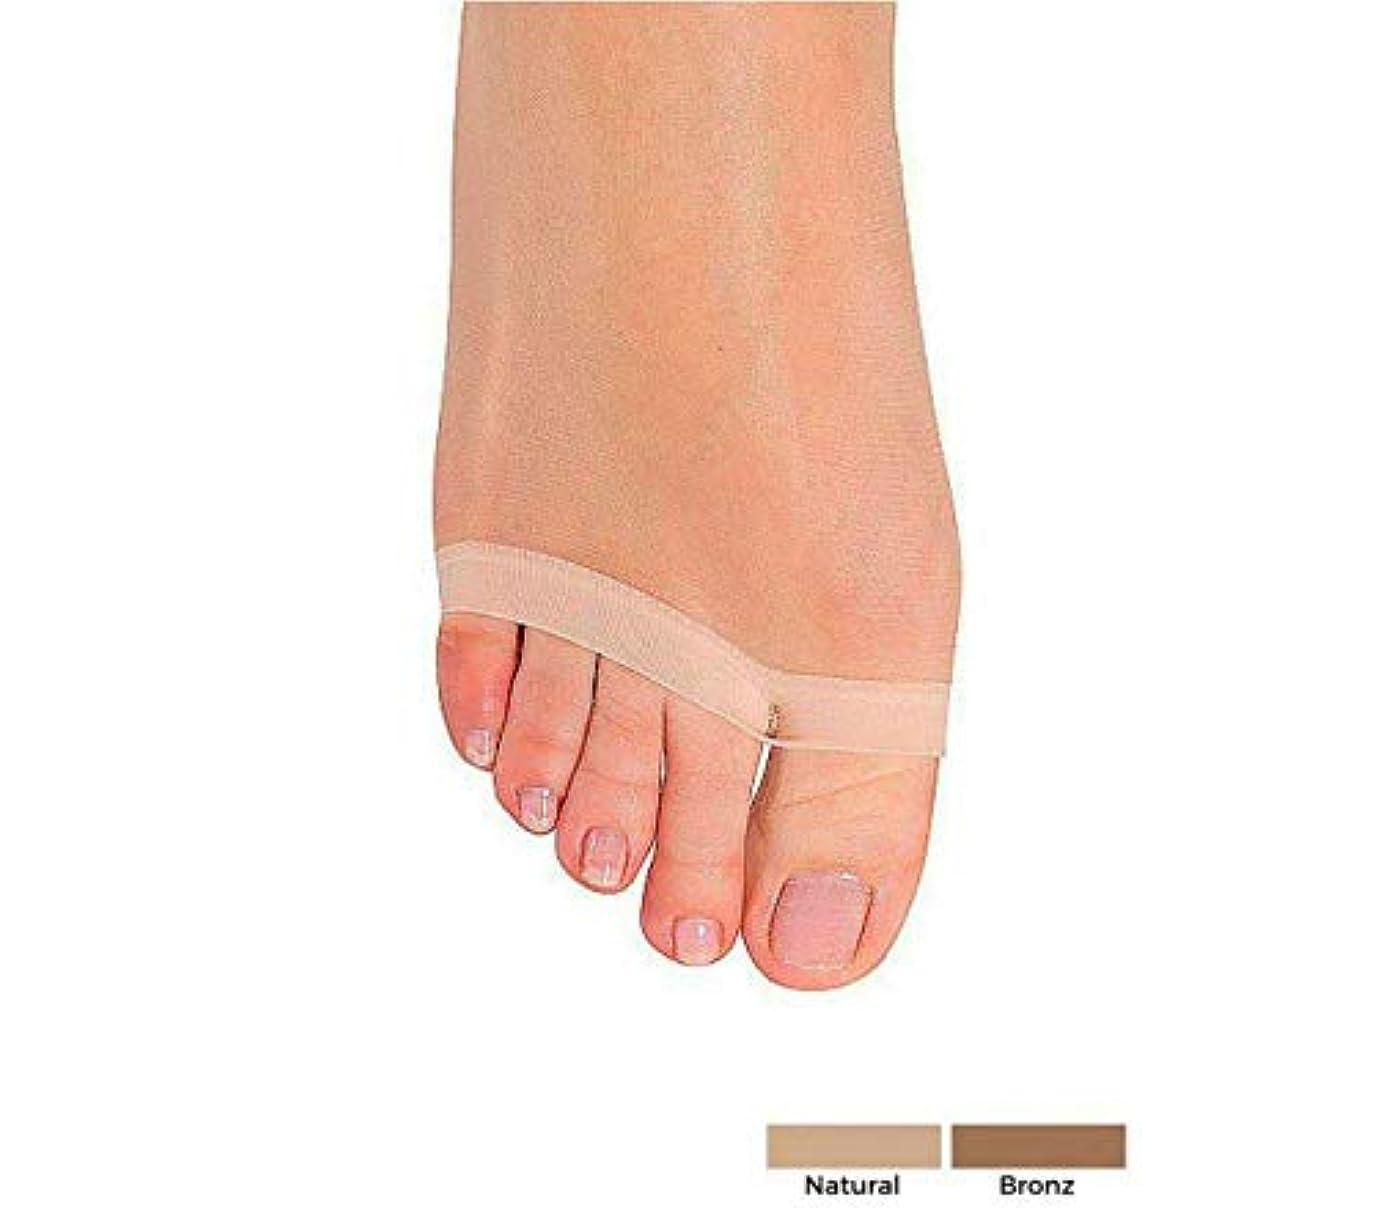 ペインティングチャレンジ忍耐Conte Summer Women's Nude Open Toe Sheer Pantyhose Ultra-thin open toe tights - SUMMER 8 Denier OPEN TOE